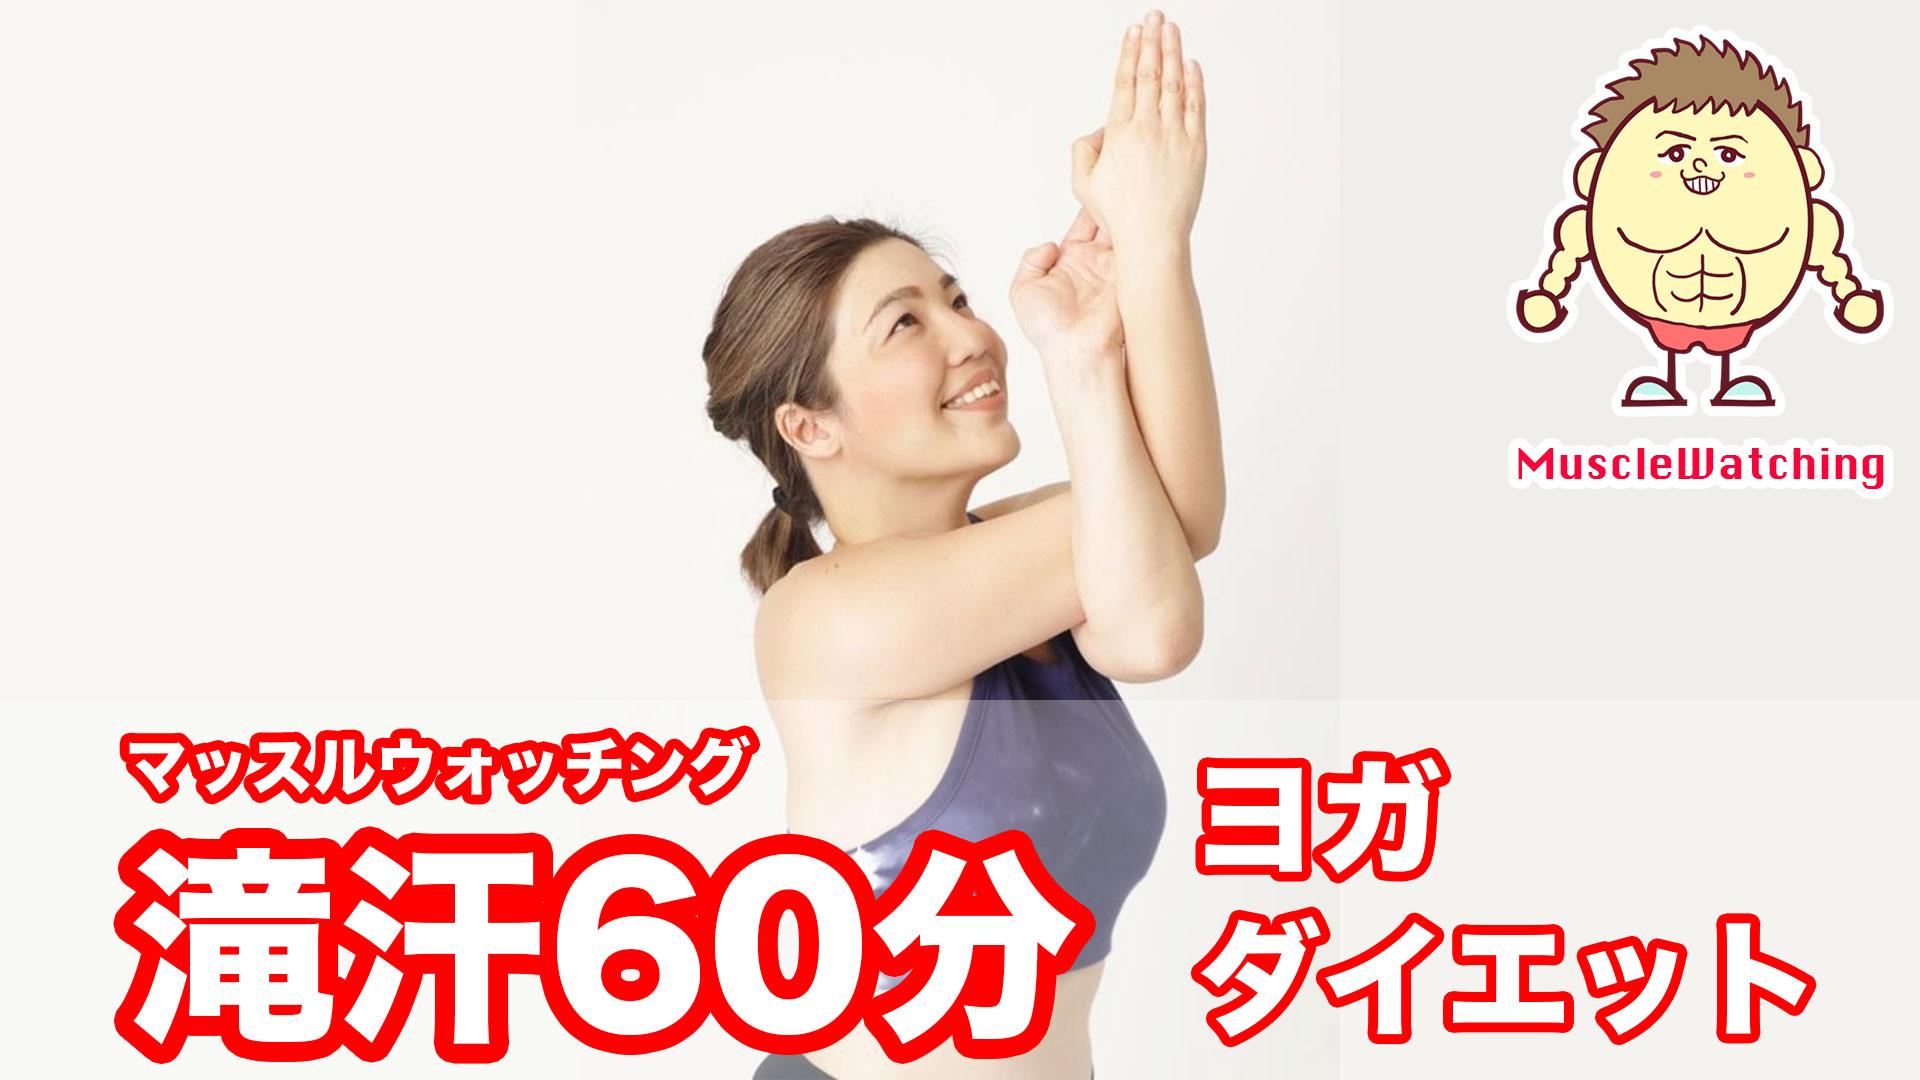 マッスルウォッチングの滝汗レッスンが静岡・東京で受けられるようになりました!